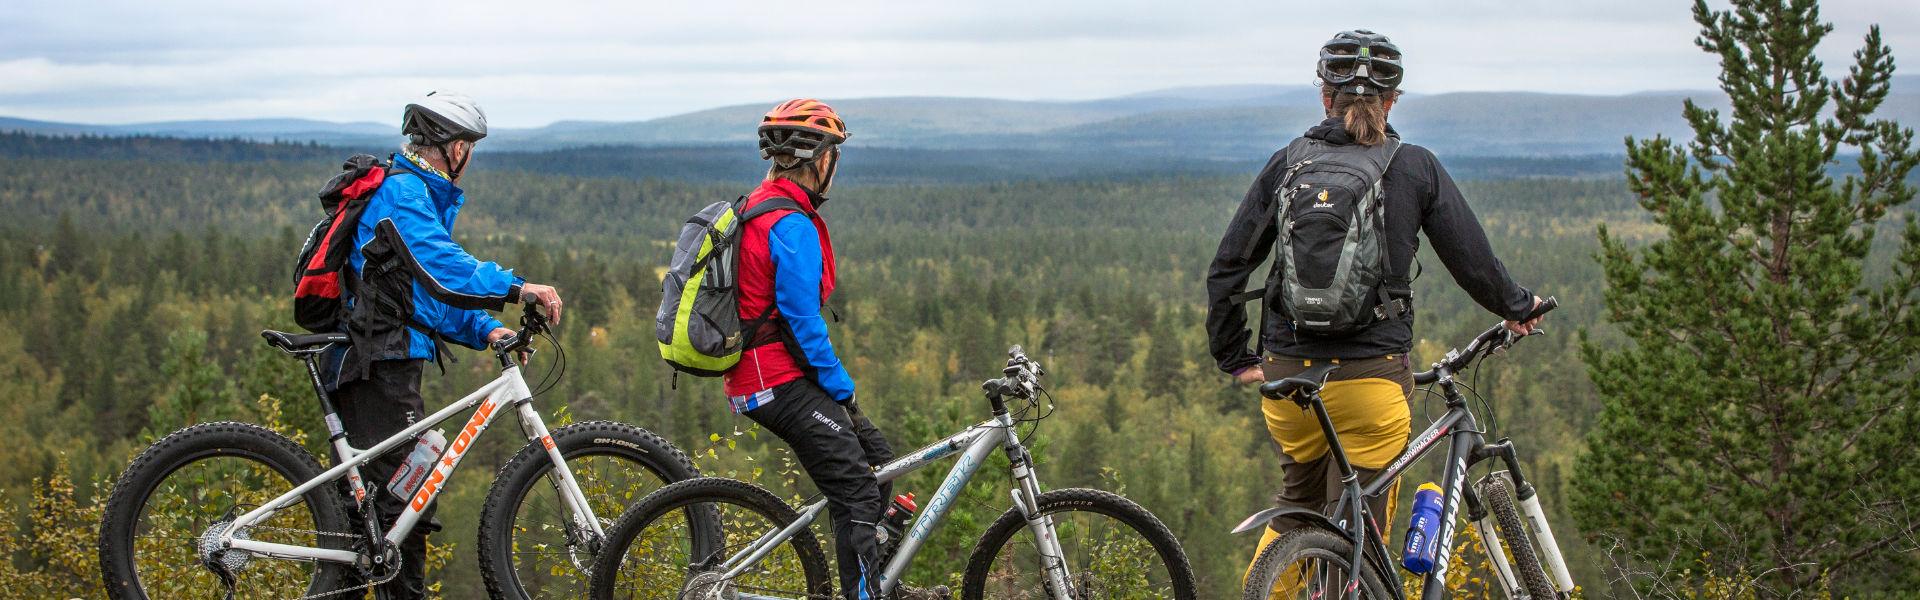 Enontekiön kunnan alueella erämatkailua voi harrastaa monin eri tavoin. Esimerkiksi maastopyörillä liikkuminen tunturimaastossa on hyvä tapa päästä kokemaan Lapin luonto.